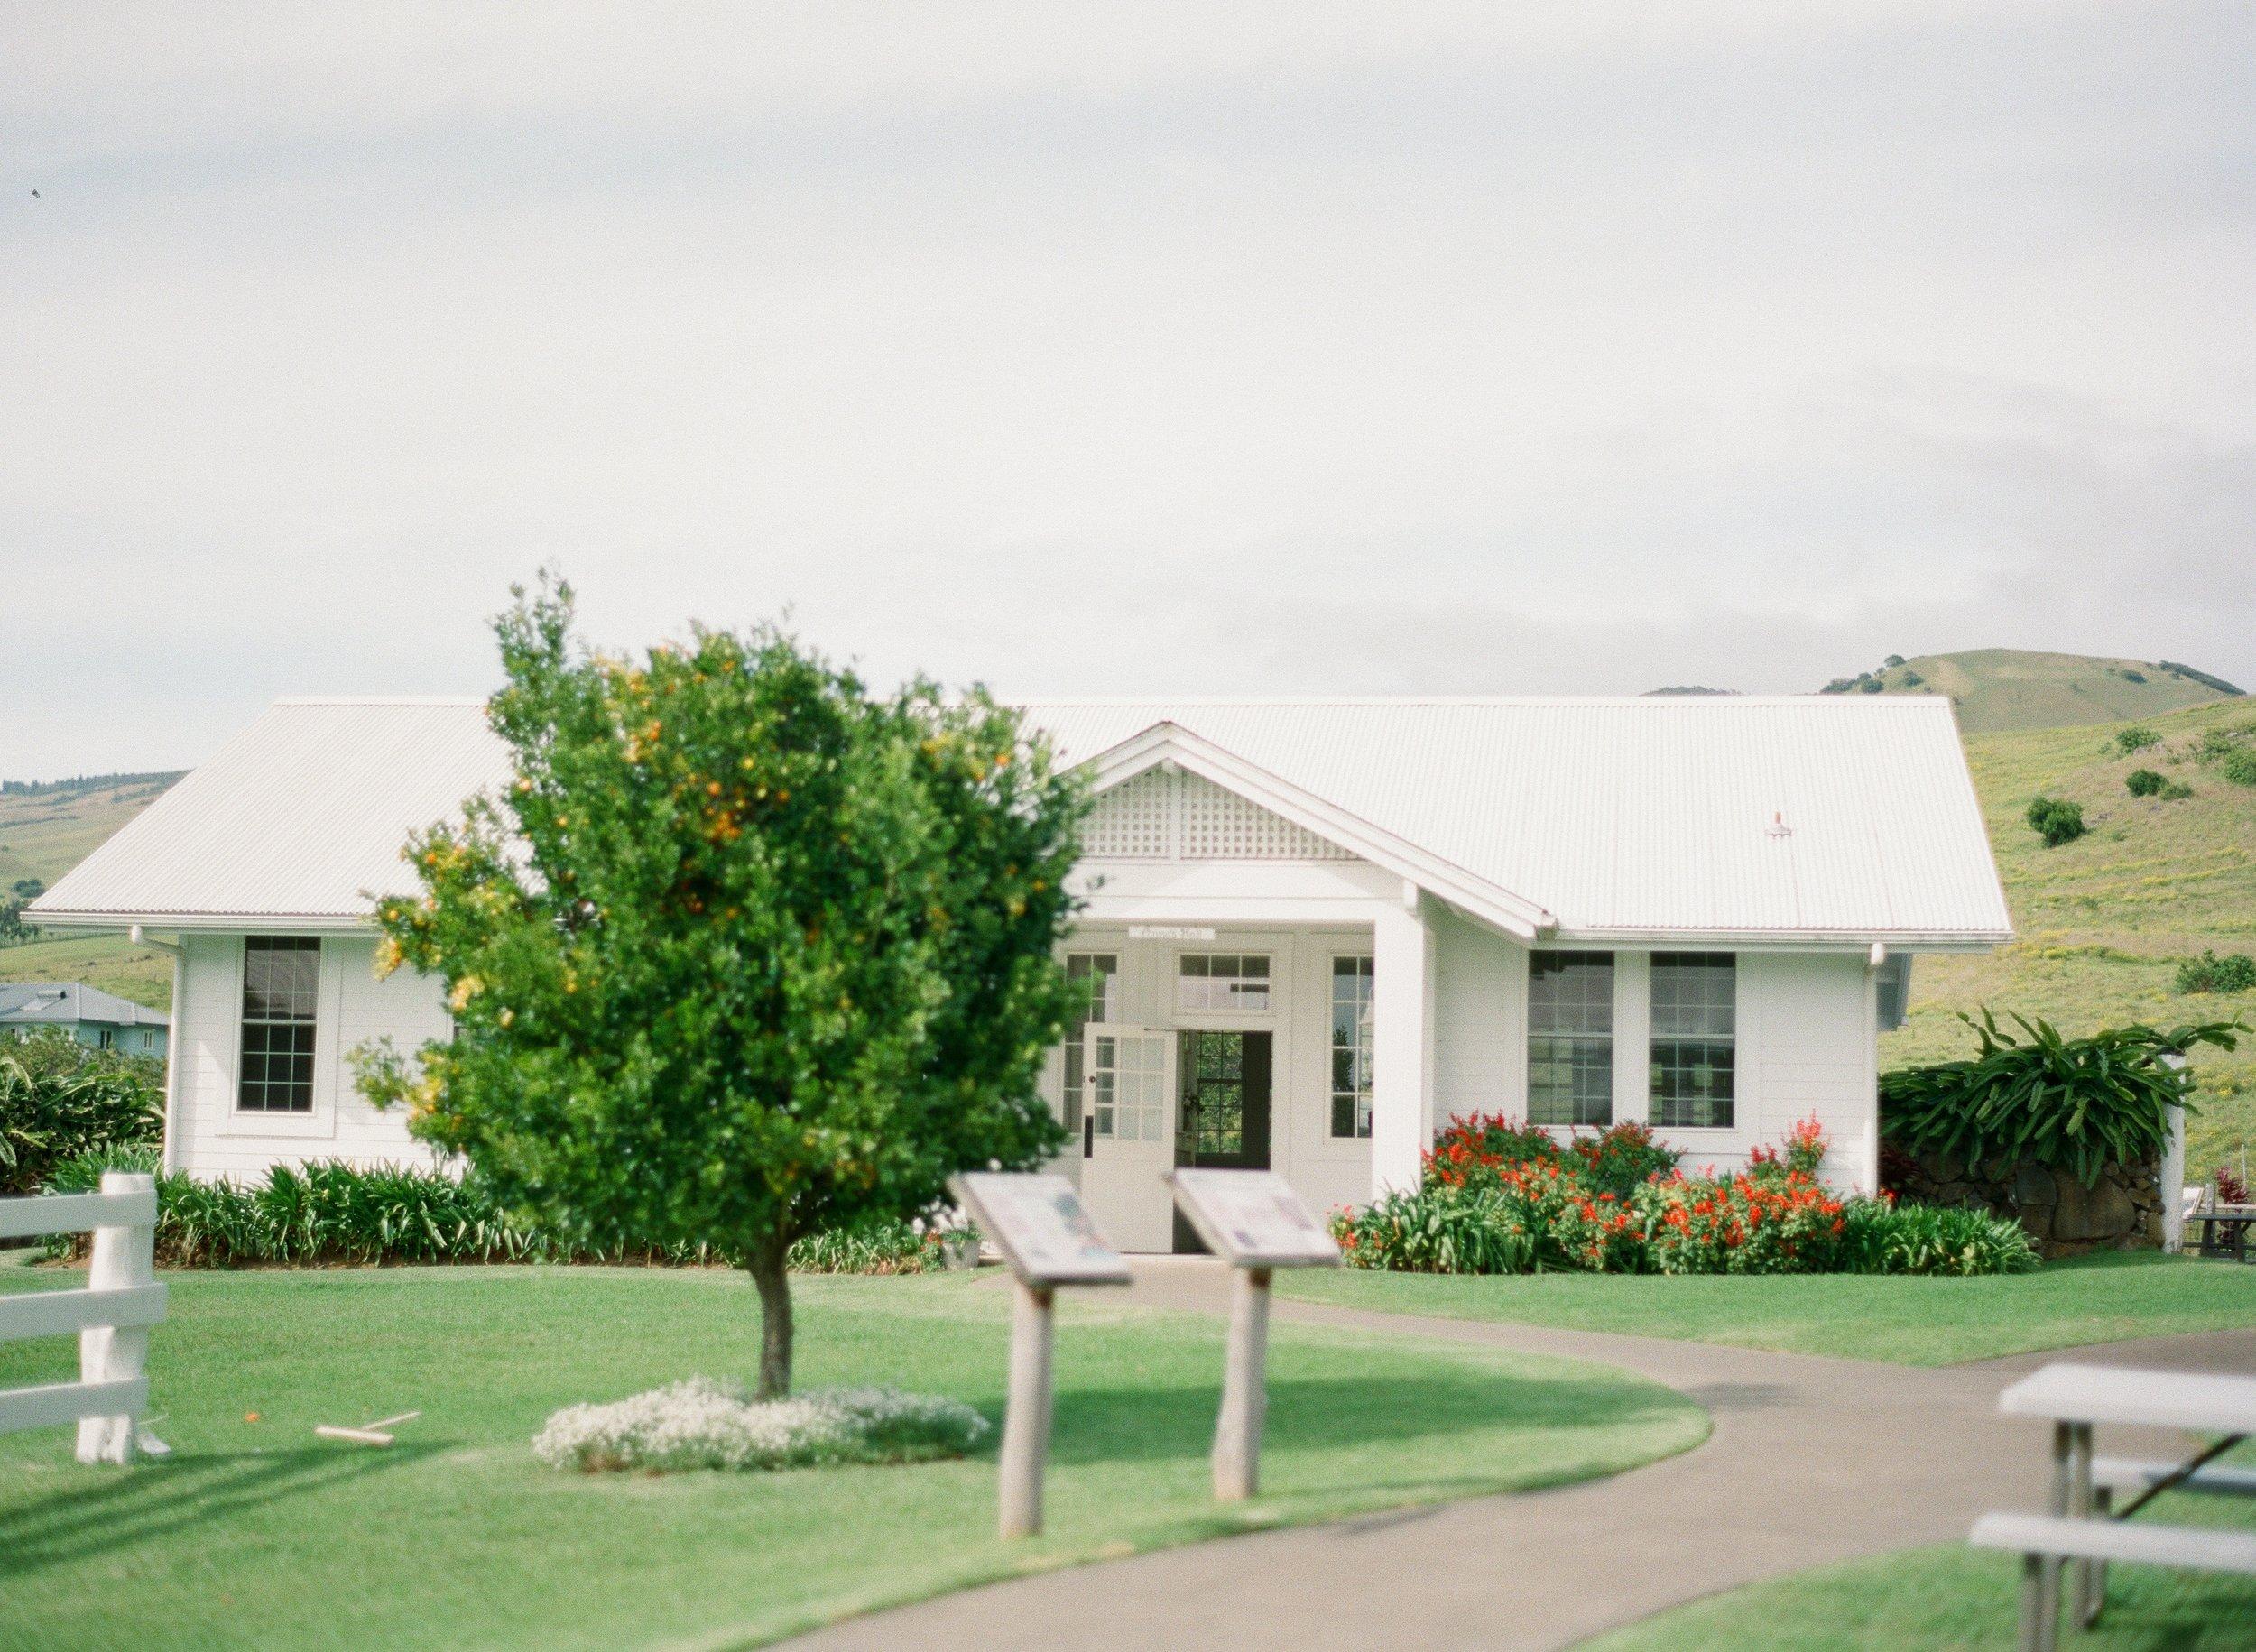 Anna's Hall